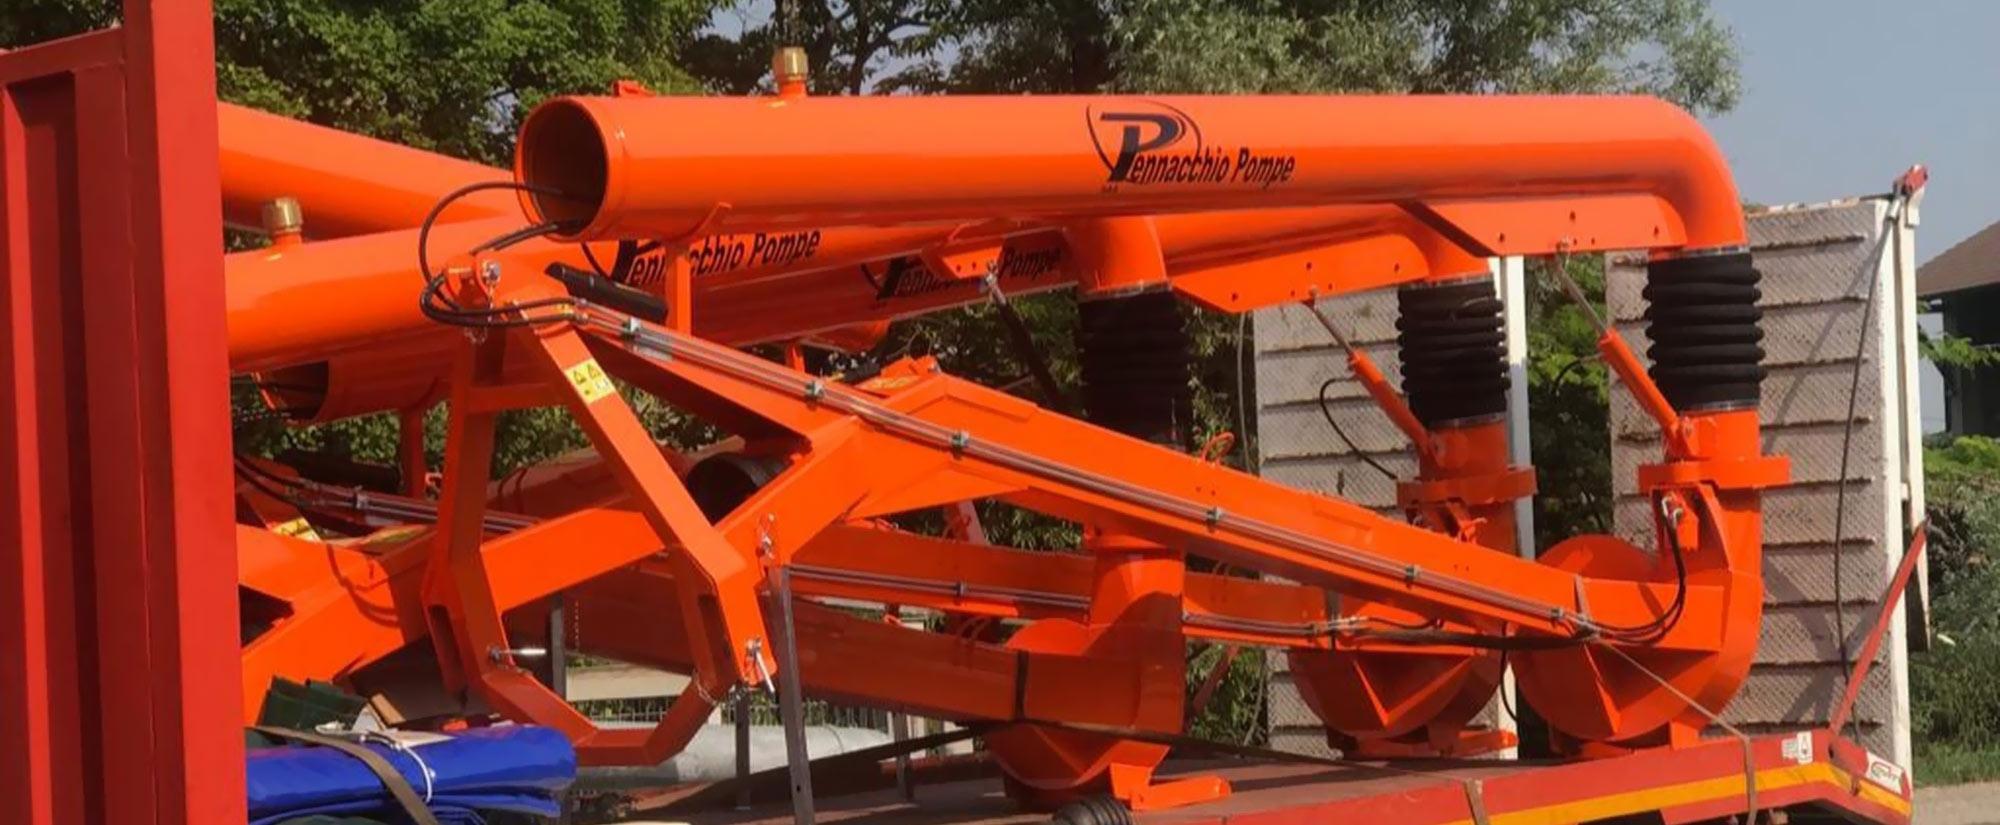 Pompa mobile serie TP a girante con sistema di rotazione e alzata idraulica